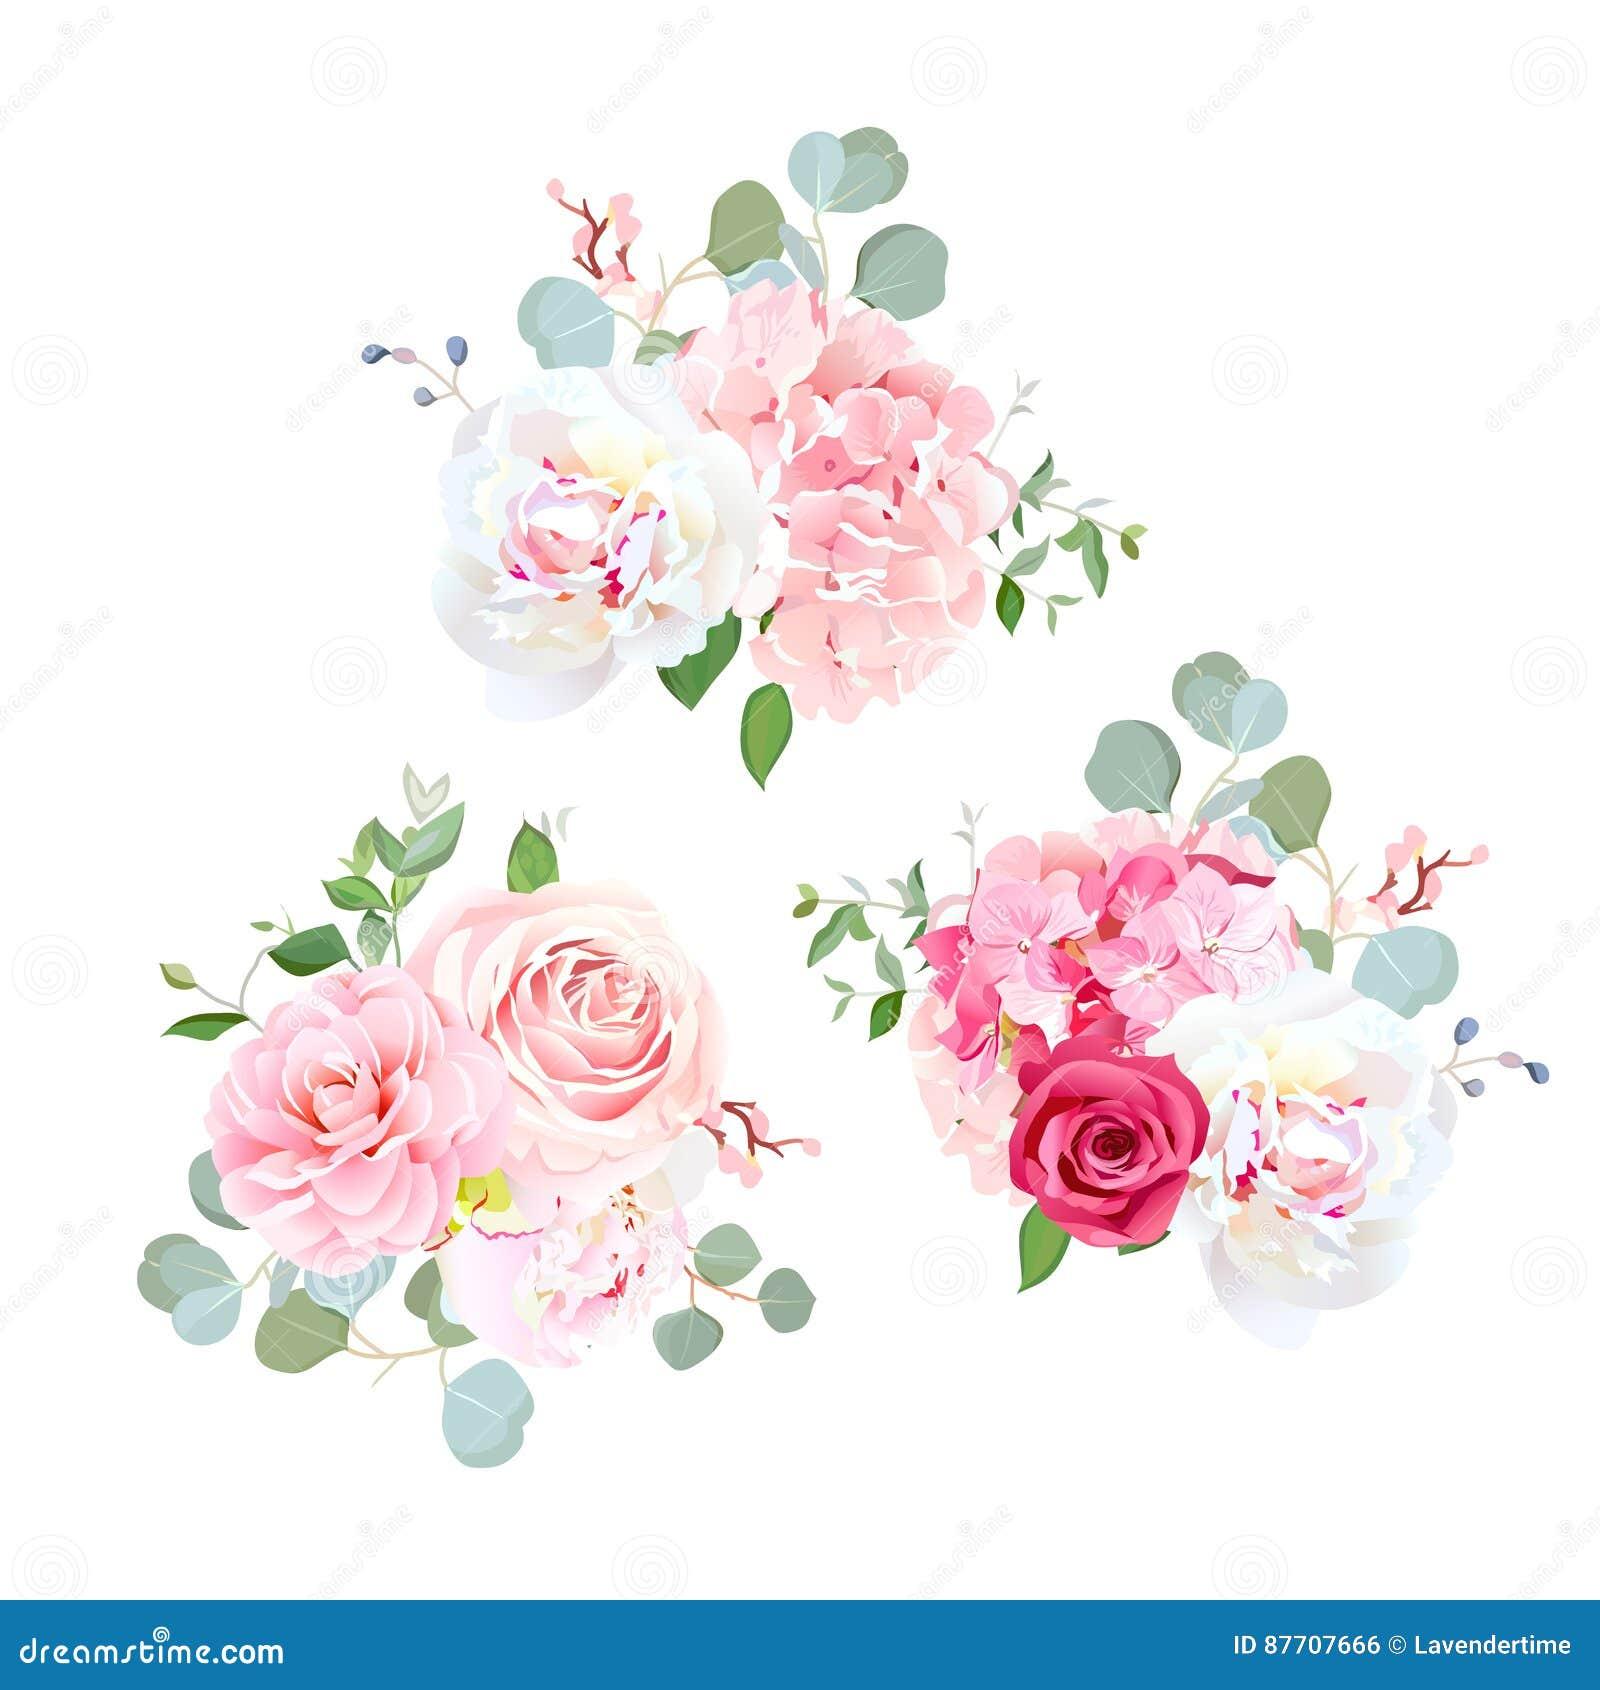 Les bouquets de se sont levés, pivoine, camélia, hortensia et eucalyptus